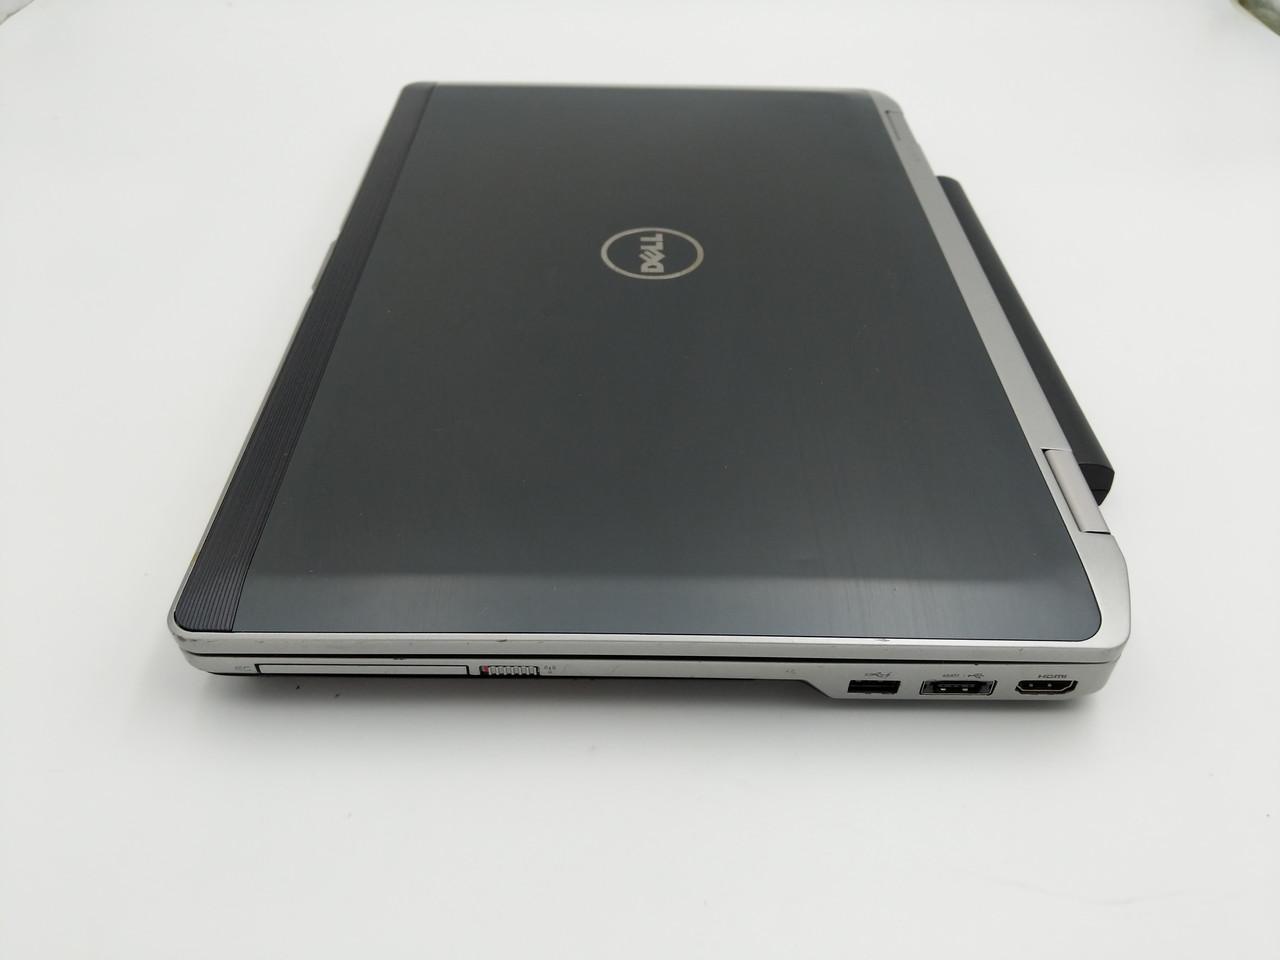 Б/У Dell Latitude E6530 15.6″ HD+  i5-3320M /DDR3 8 Gb /SSD  240Нет в наличии 5